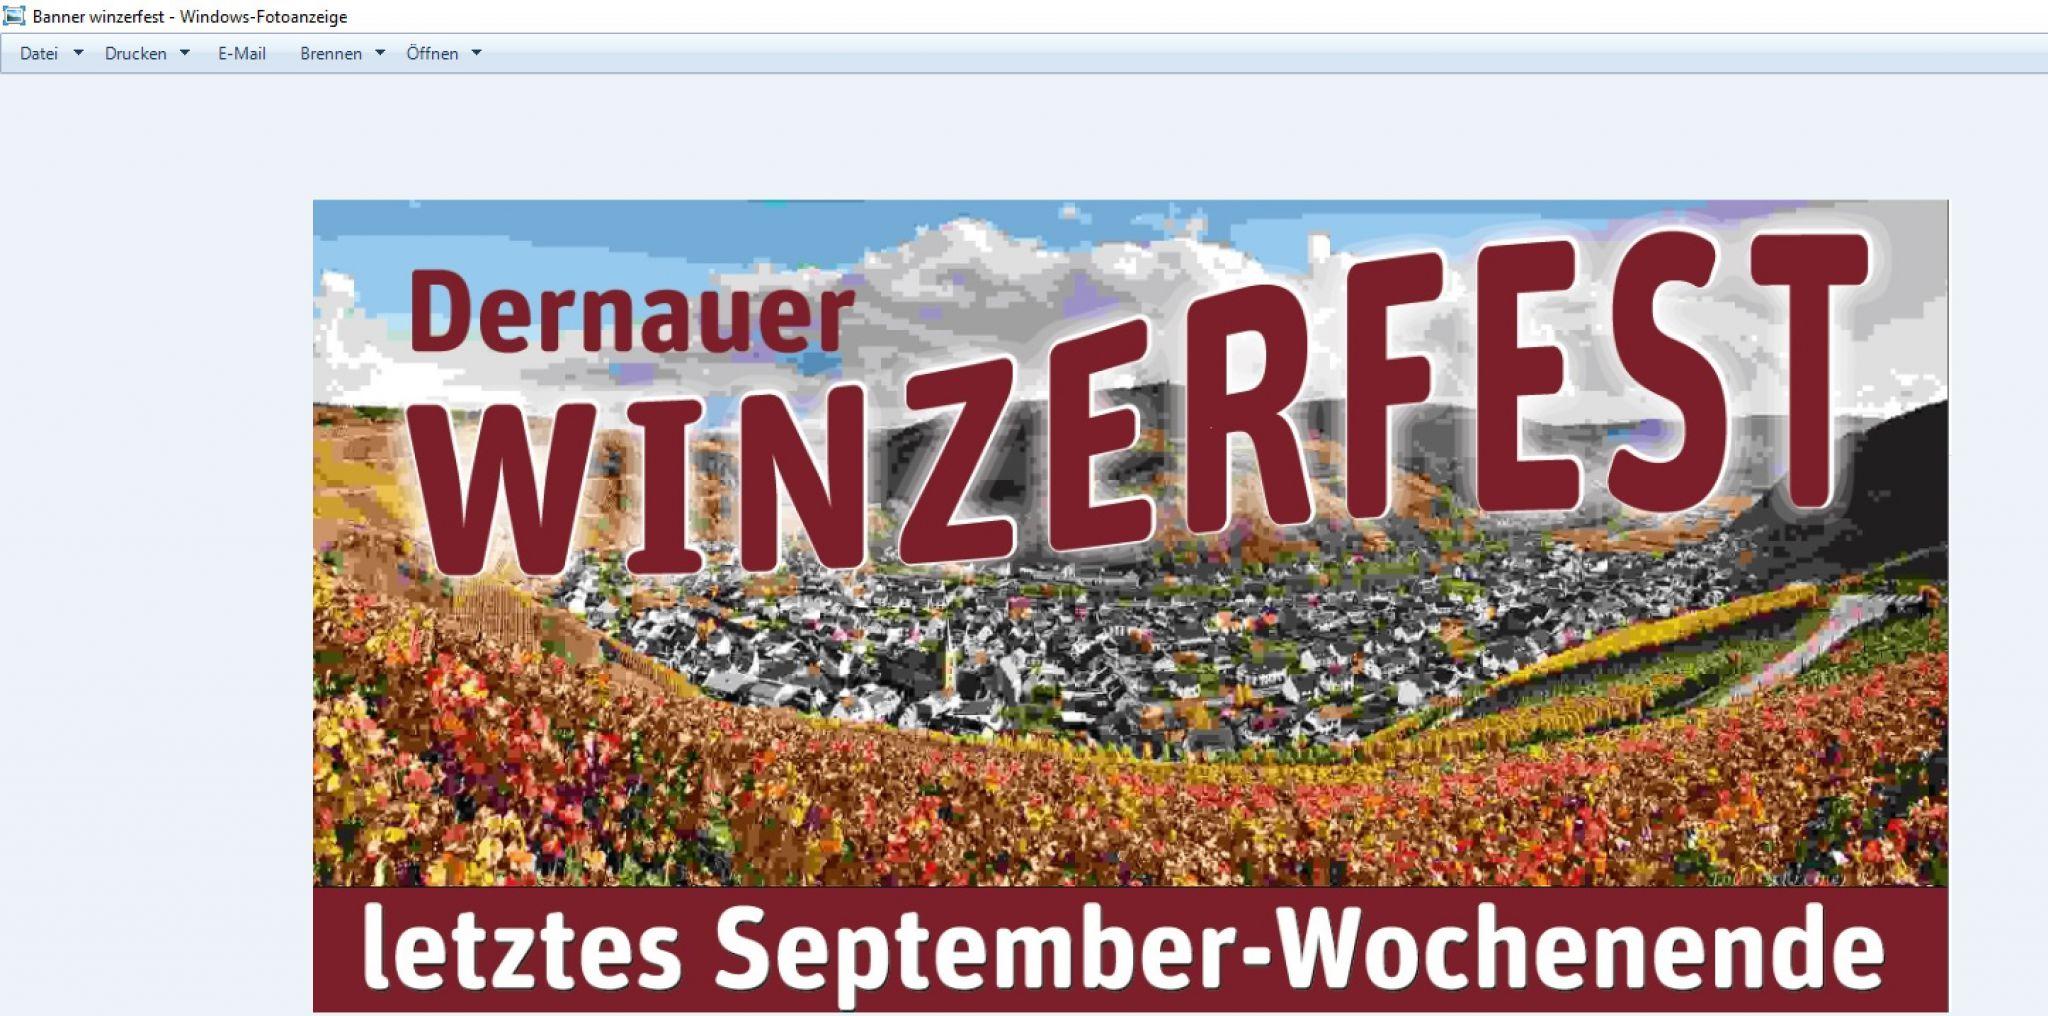 69. Dernauer Winzerfest 2019